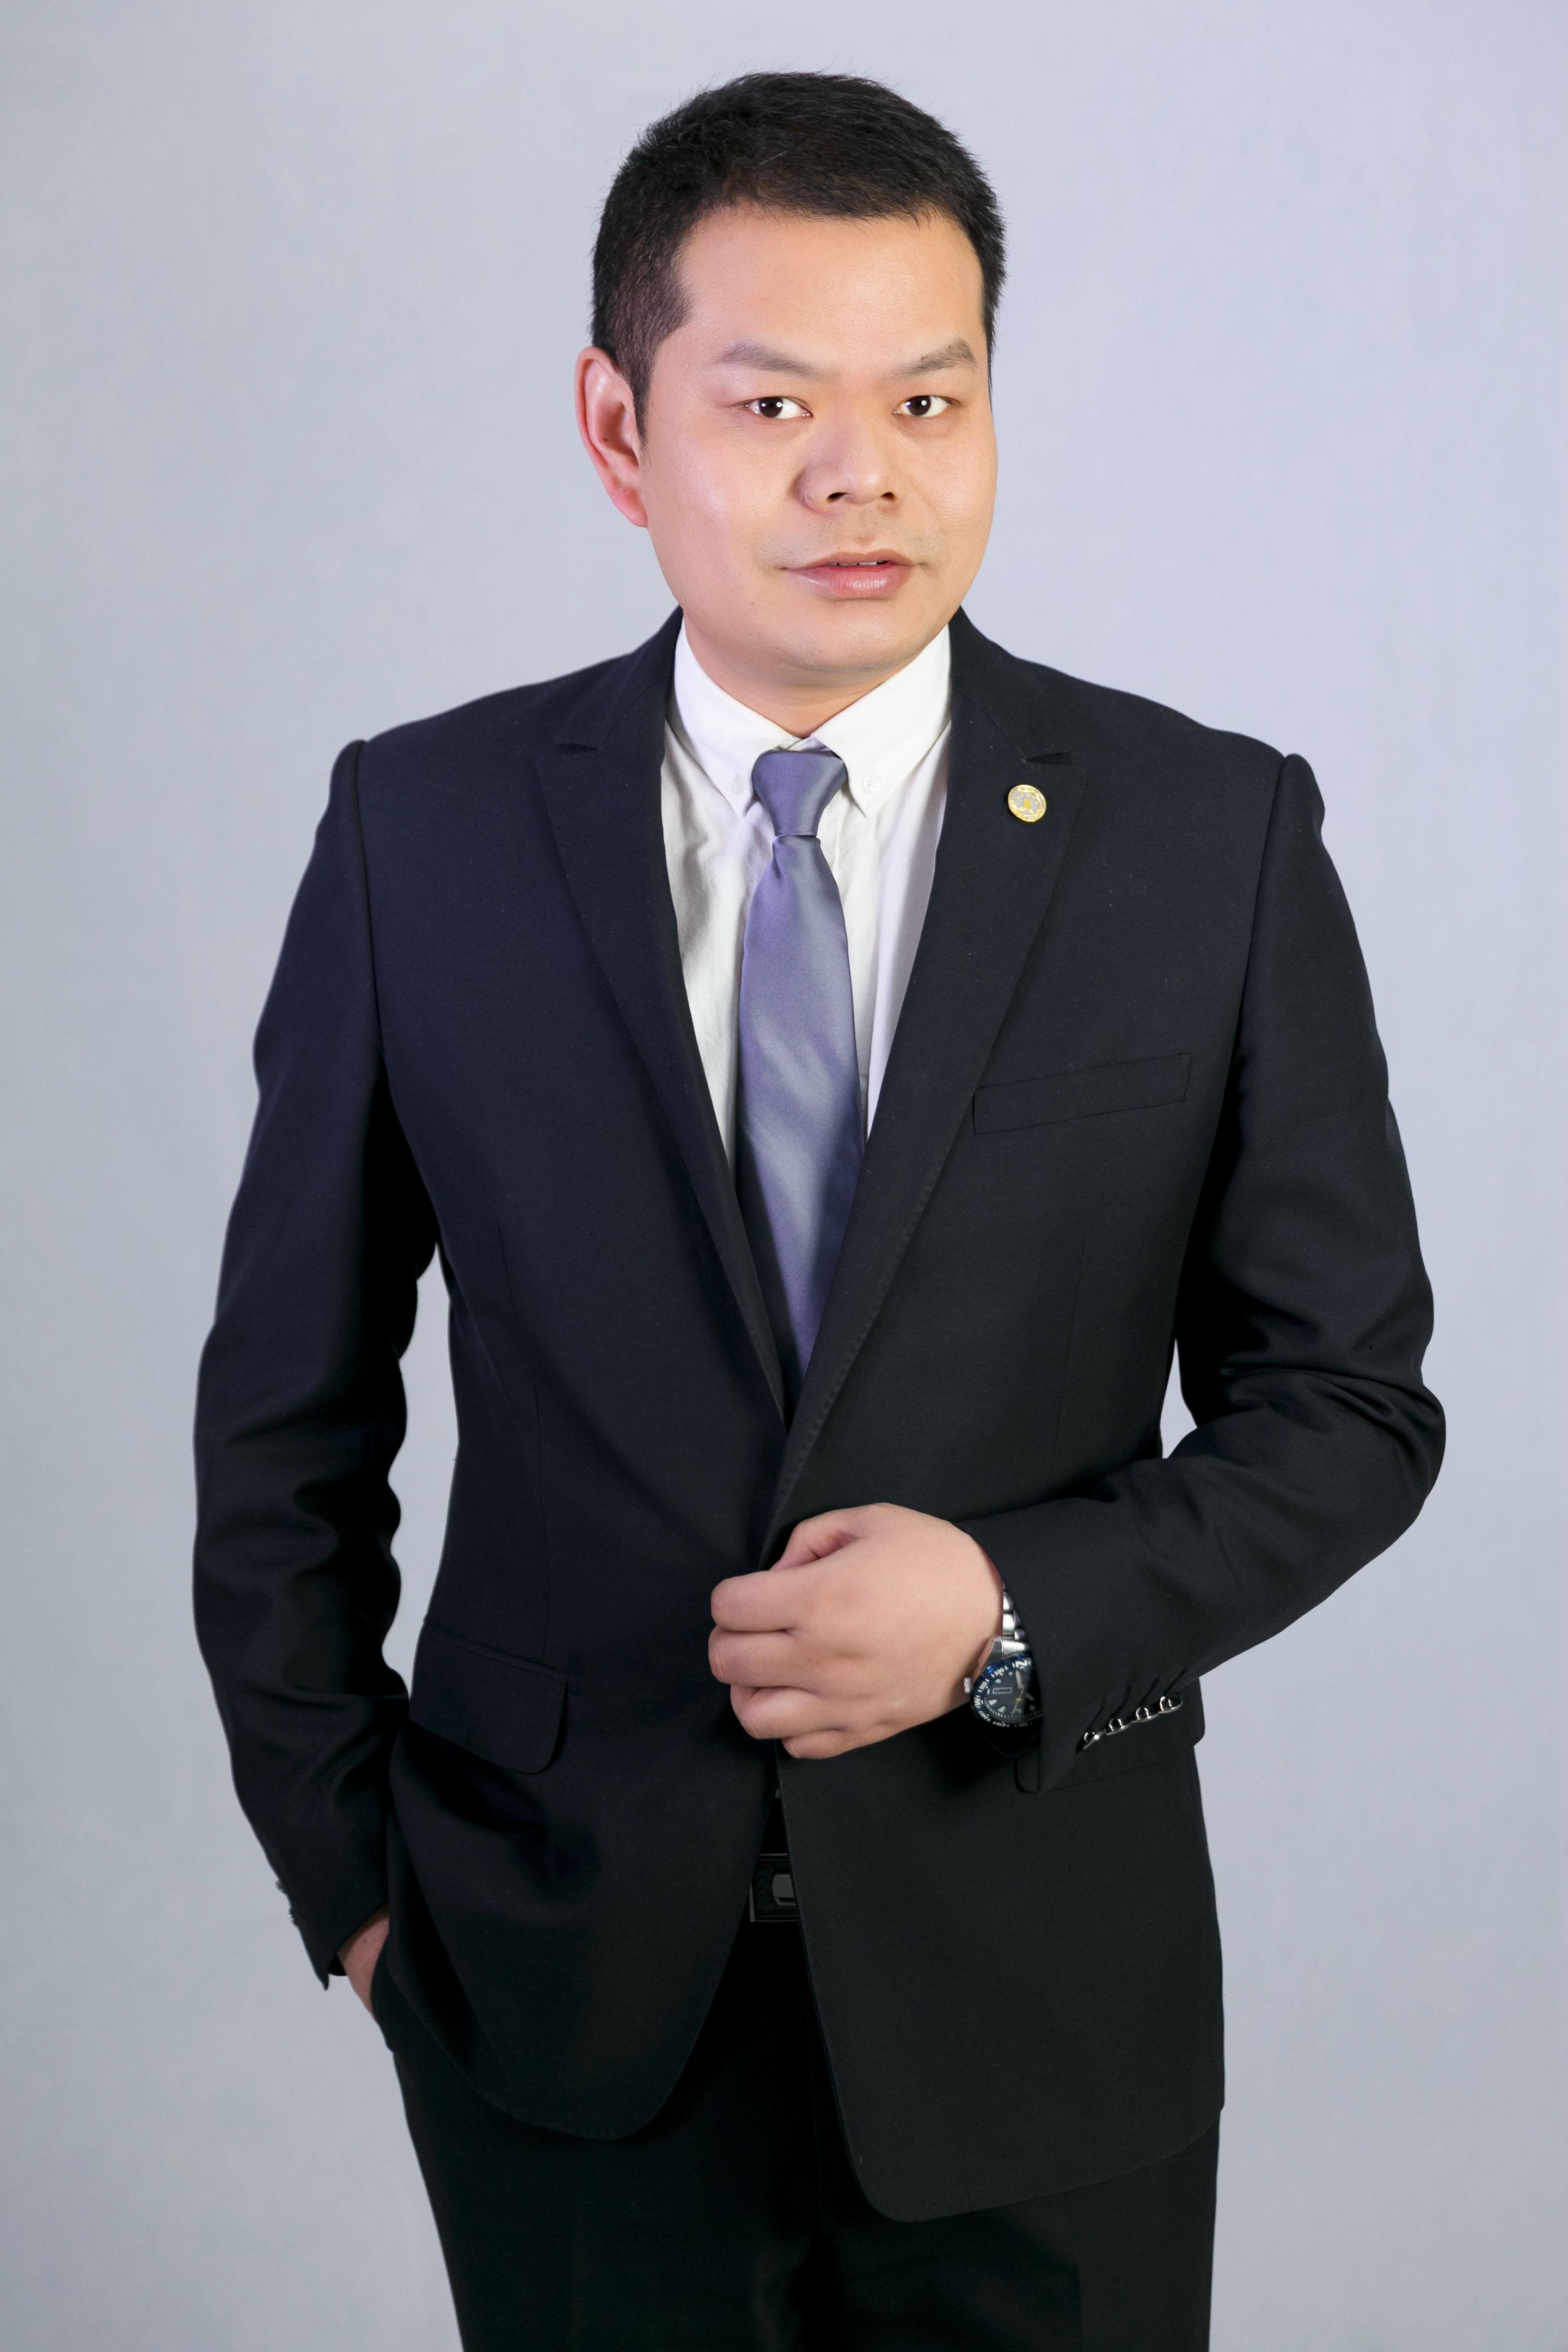 陕西律师电话 欢迎咨询 陕西金控律师事务所供应